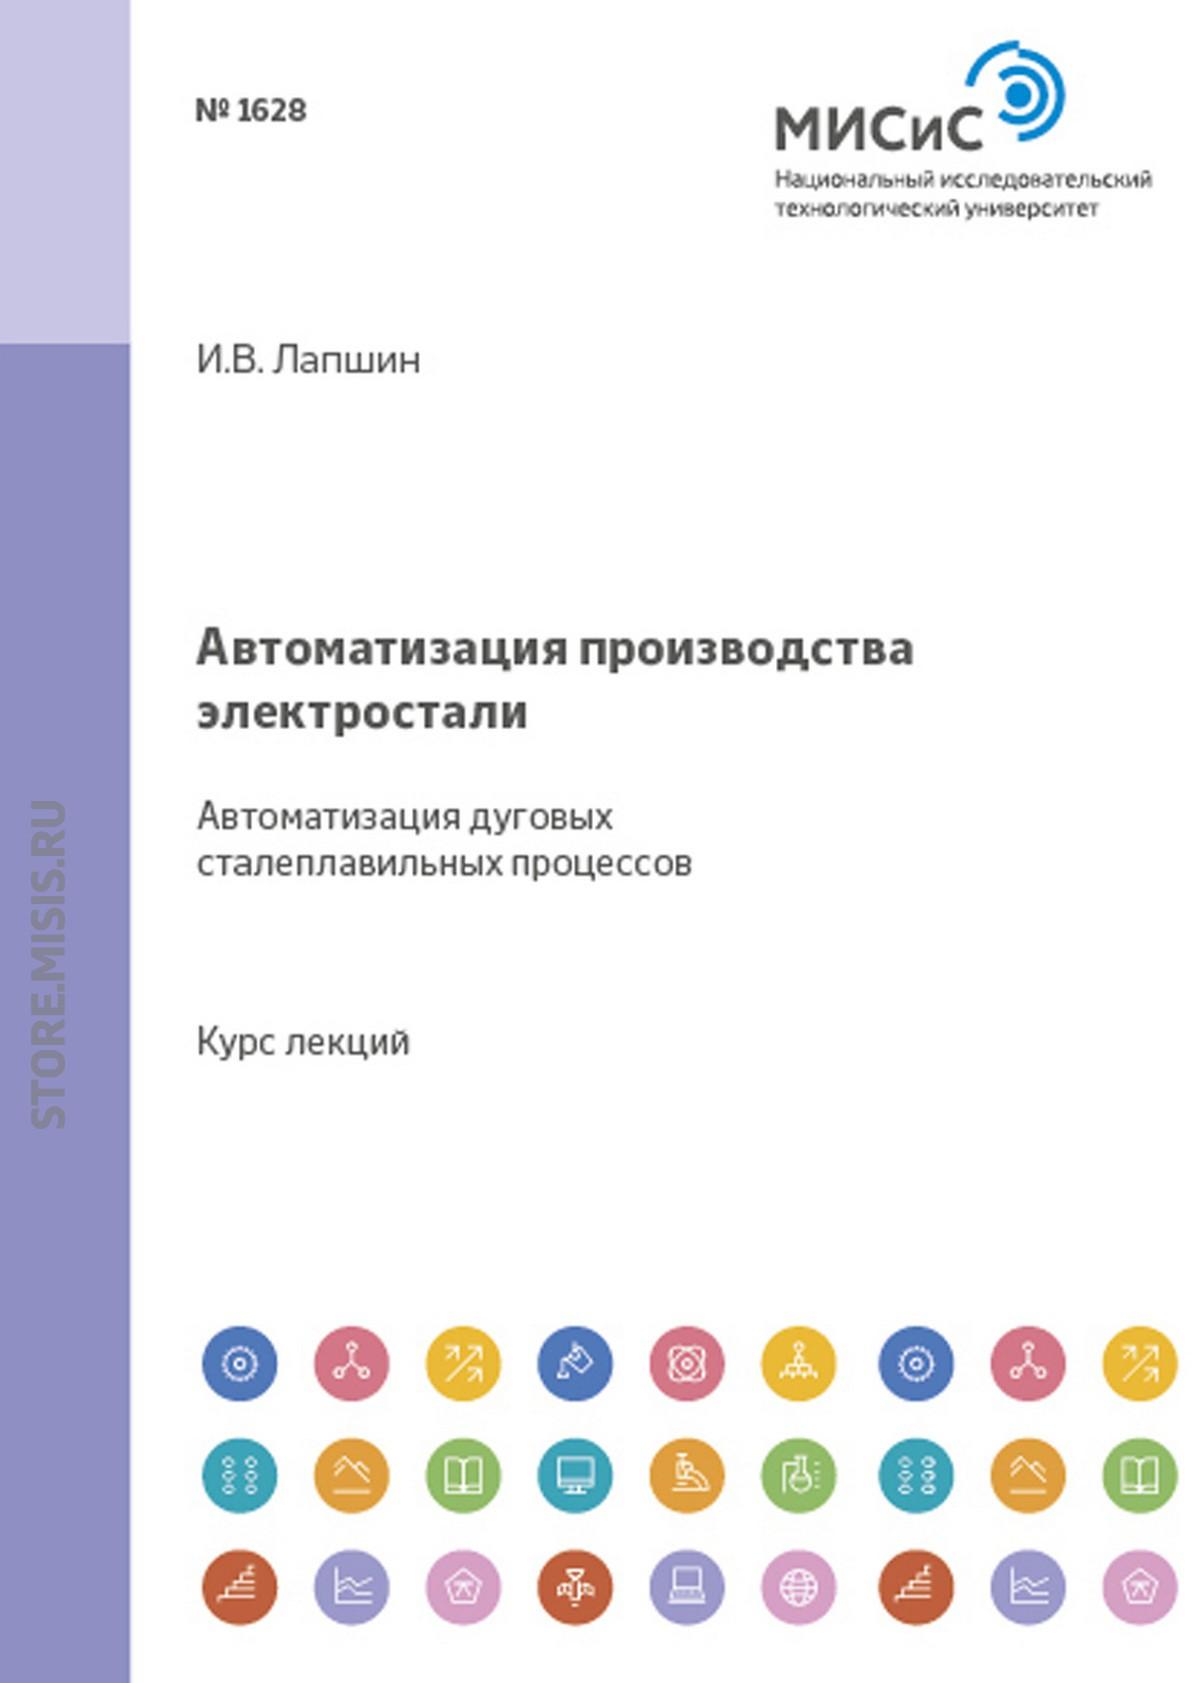 Игорь Лапшин Автоматизация производства электростали. Автоматизация дуговых сталеплавильных процессов